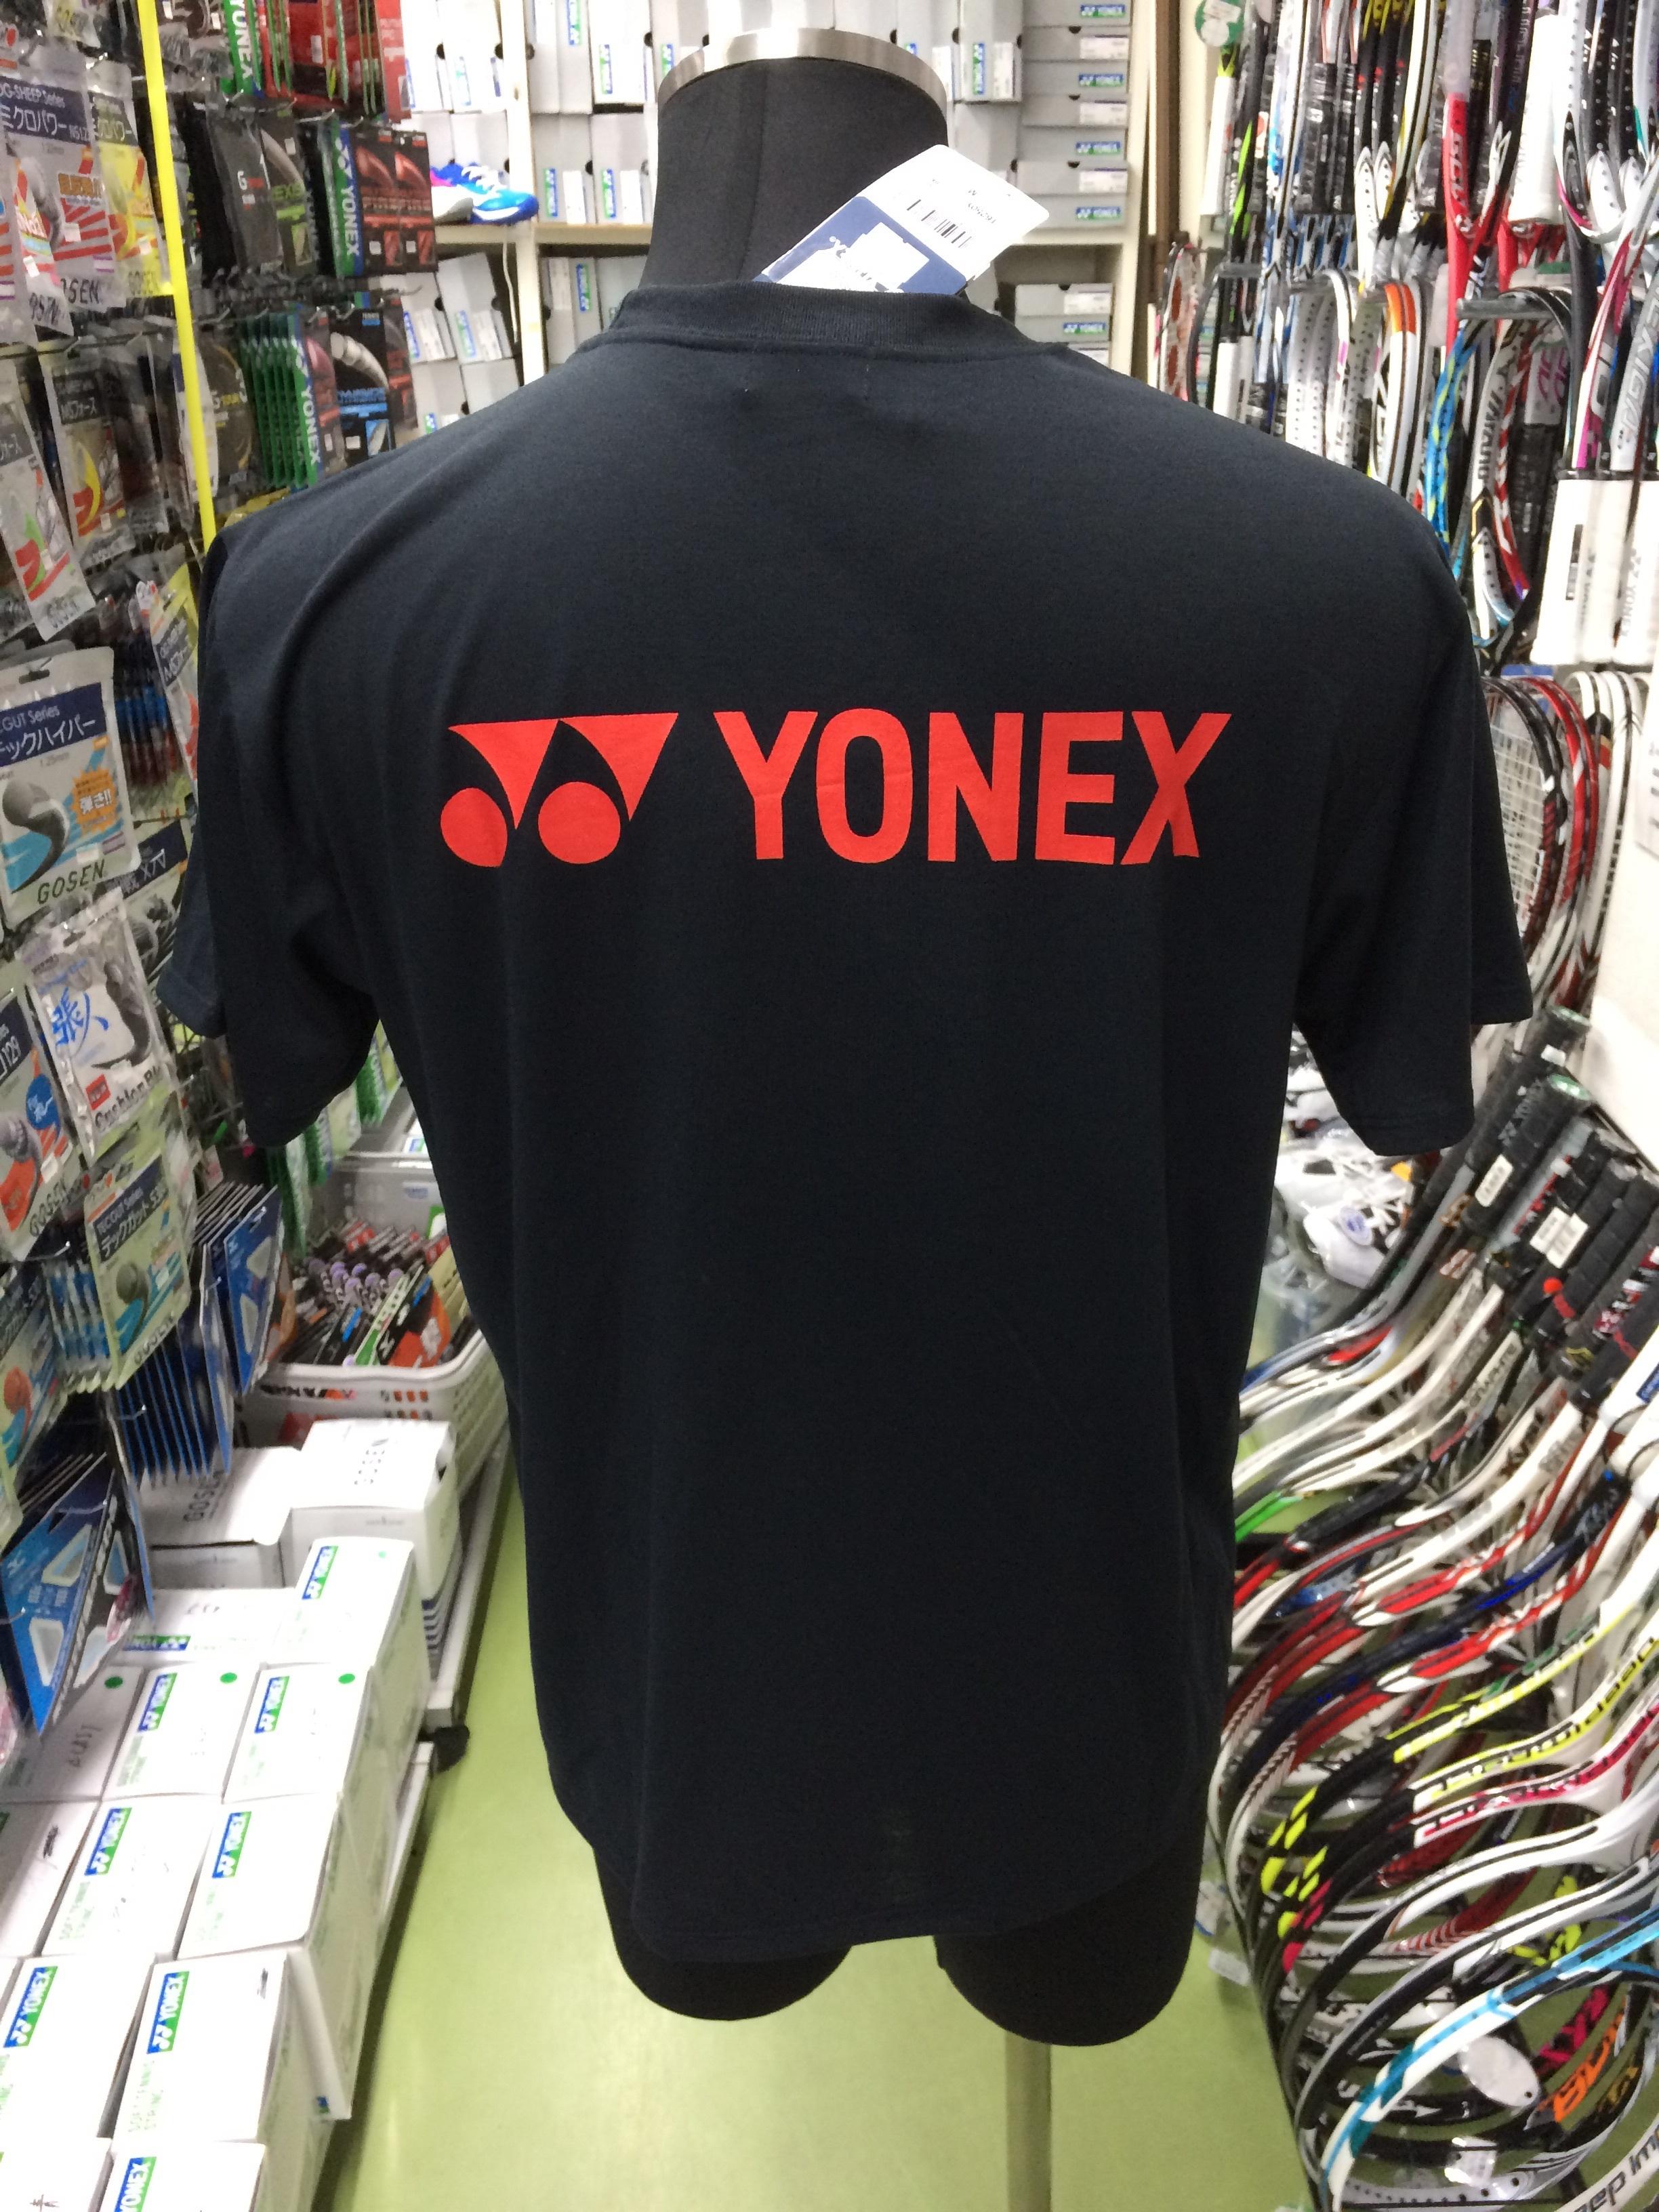 ヨネックス ユニドライTシャツ 16250Y - 画像2